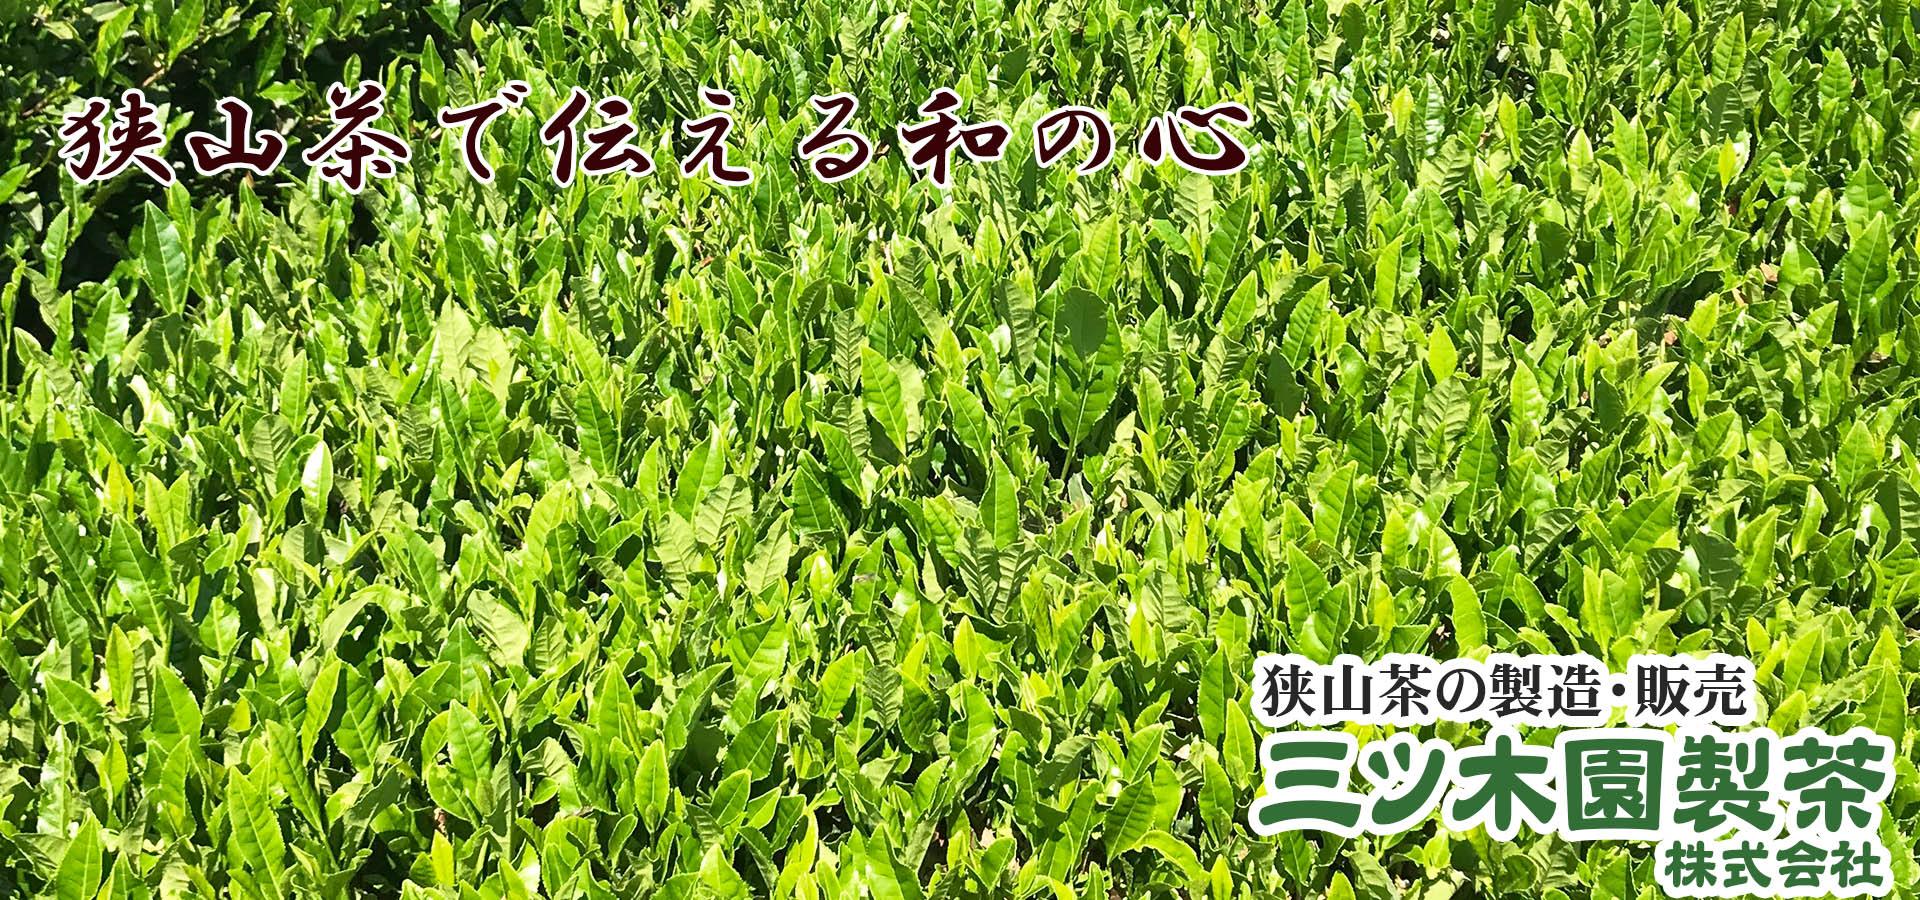 狭山茶の製造販売 オンライン販売 三ツ木園製茶